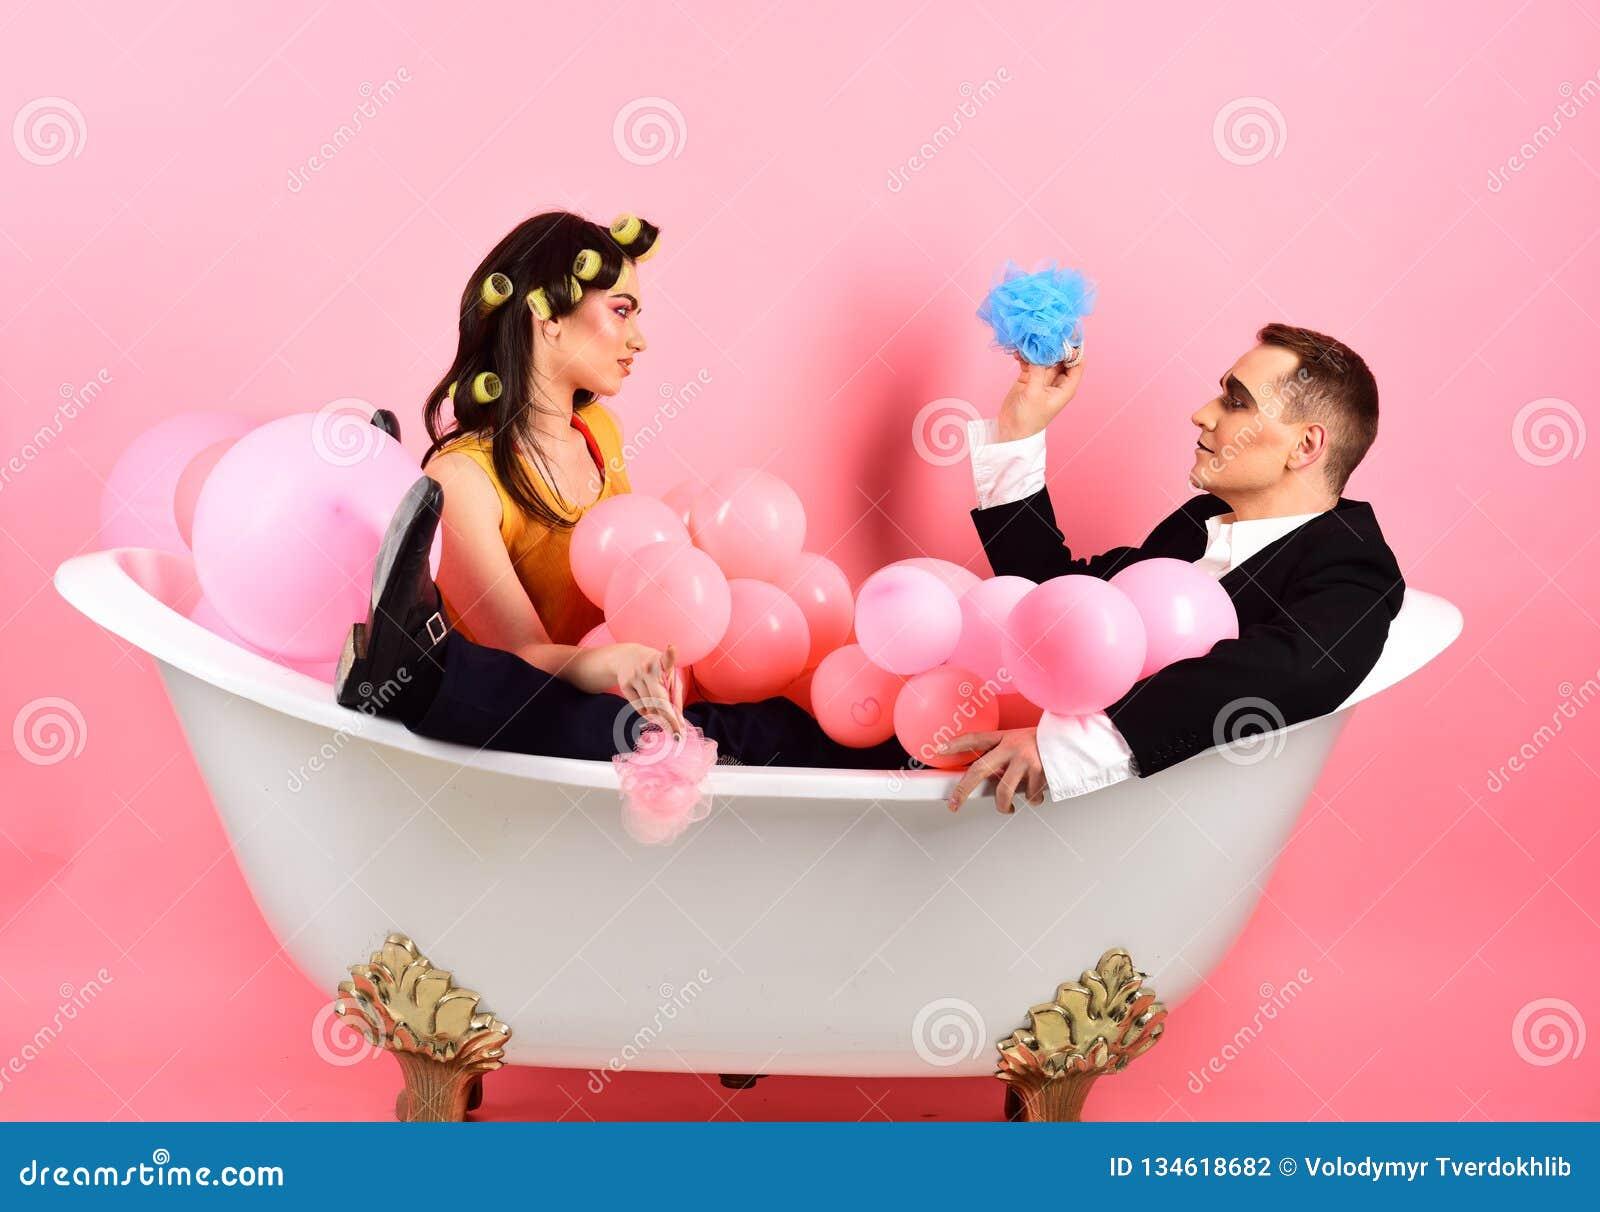 Amore In Vasca Da Bagno.Governare Adeguato Coppie Nell Amore In Vasca Da Bagno Le Coppie